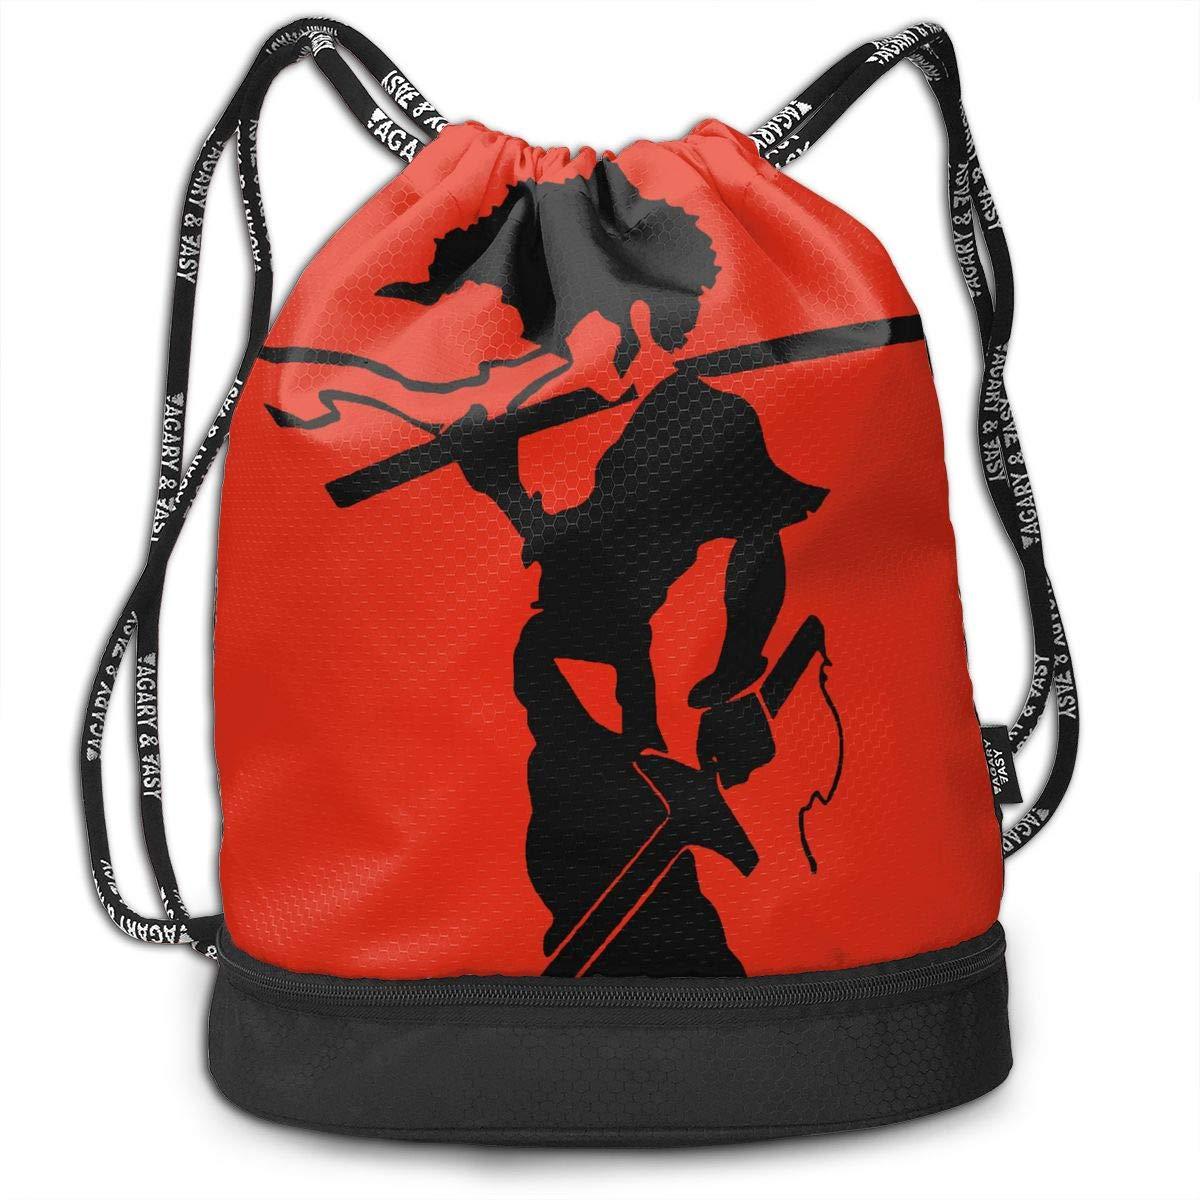 Efgaf Men And Women General Travel Backpack Afro Samurai Versatile Unique Design Backpack Bag